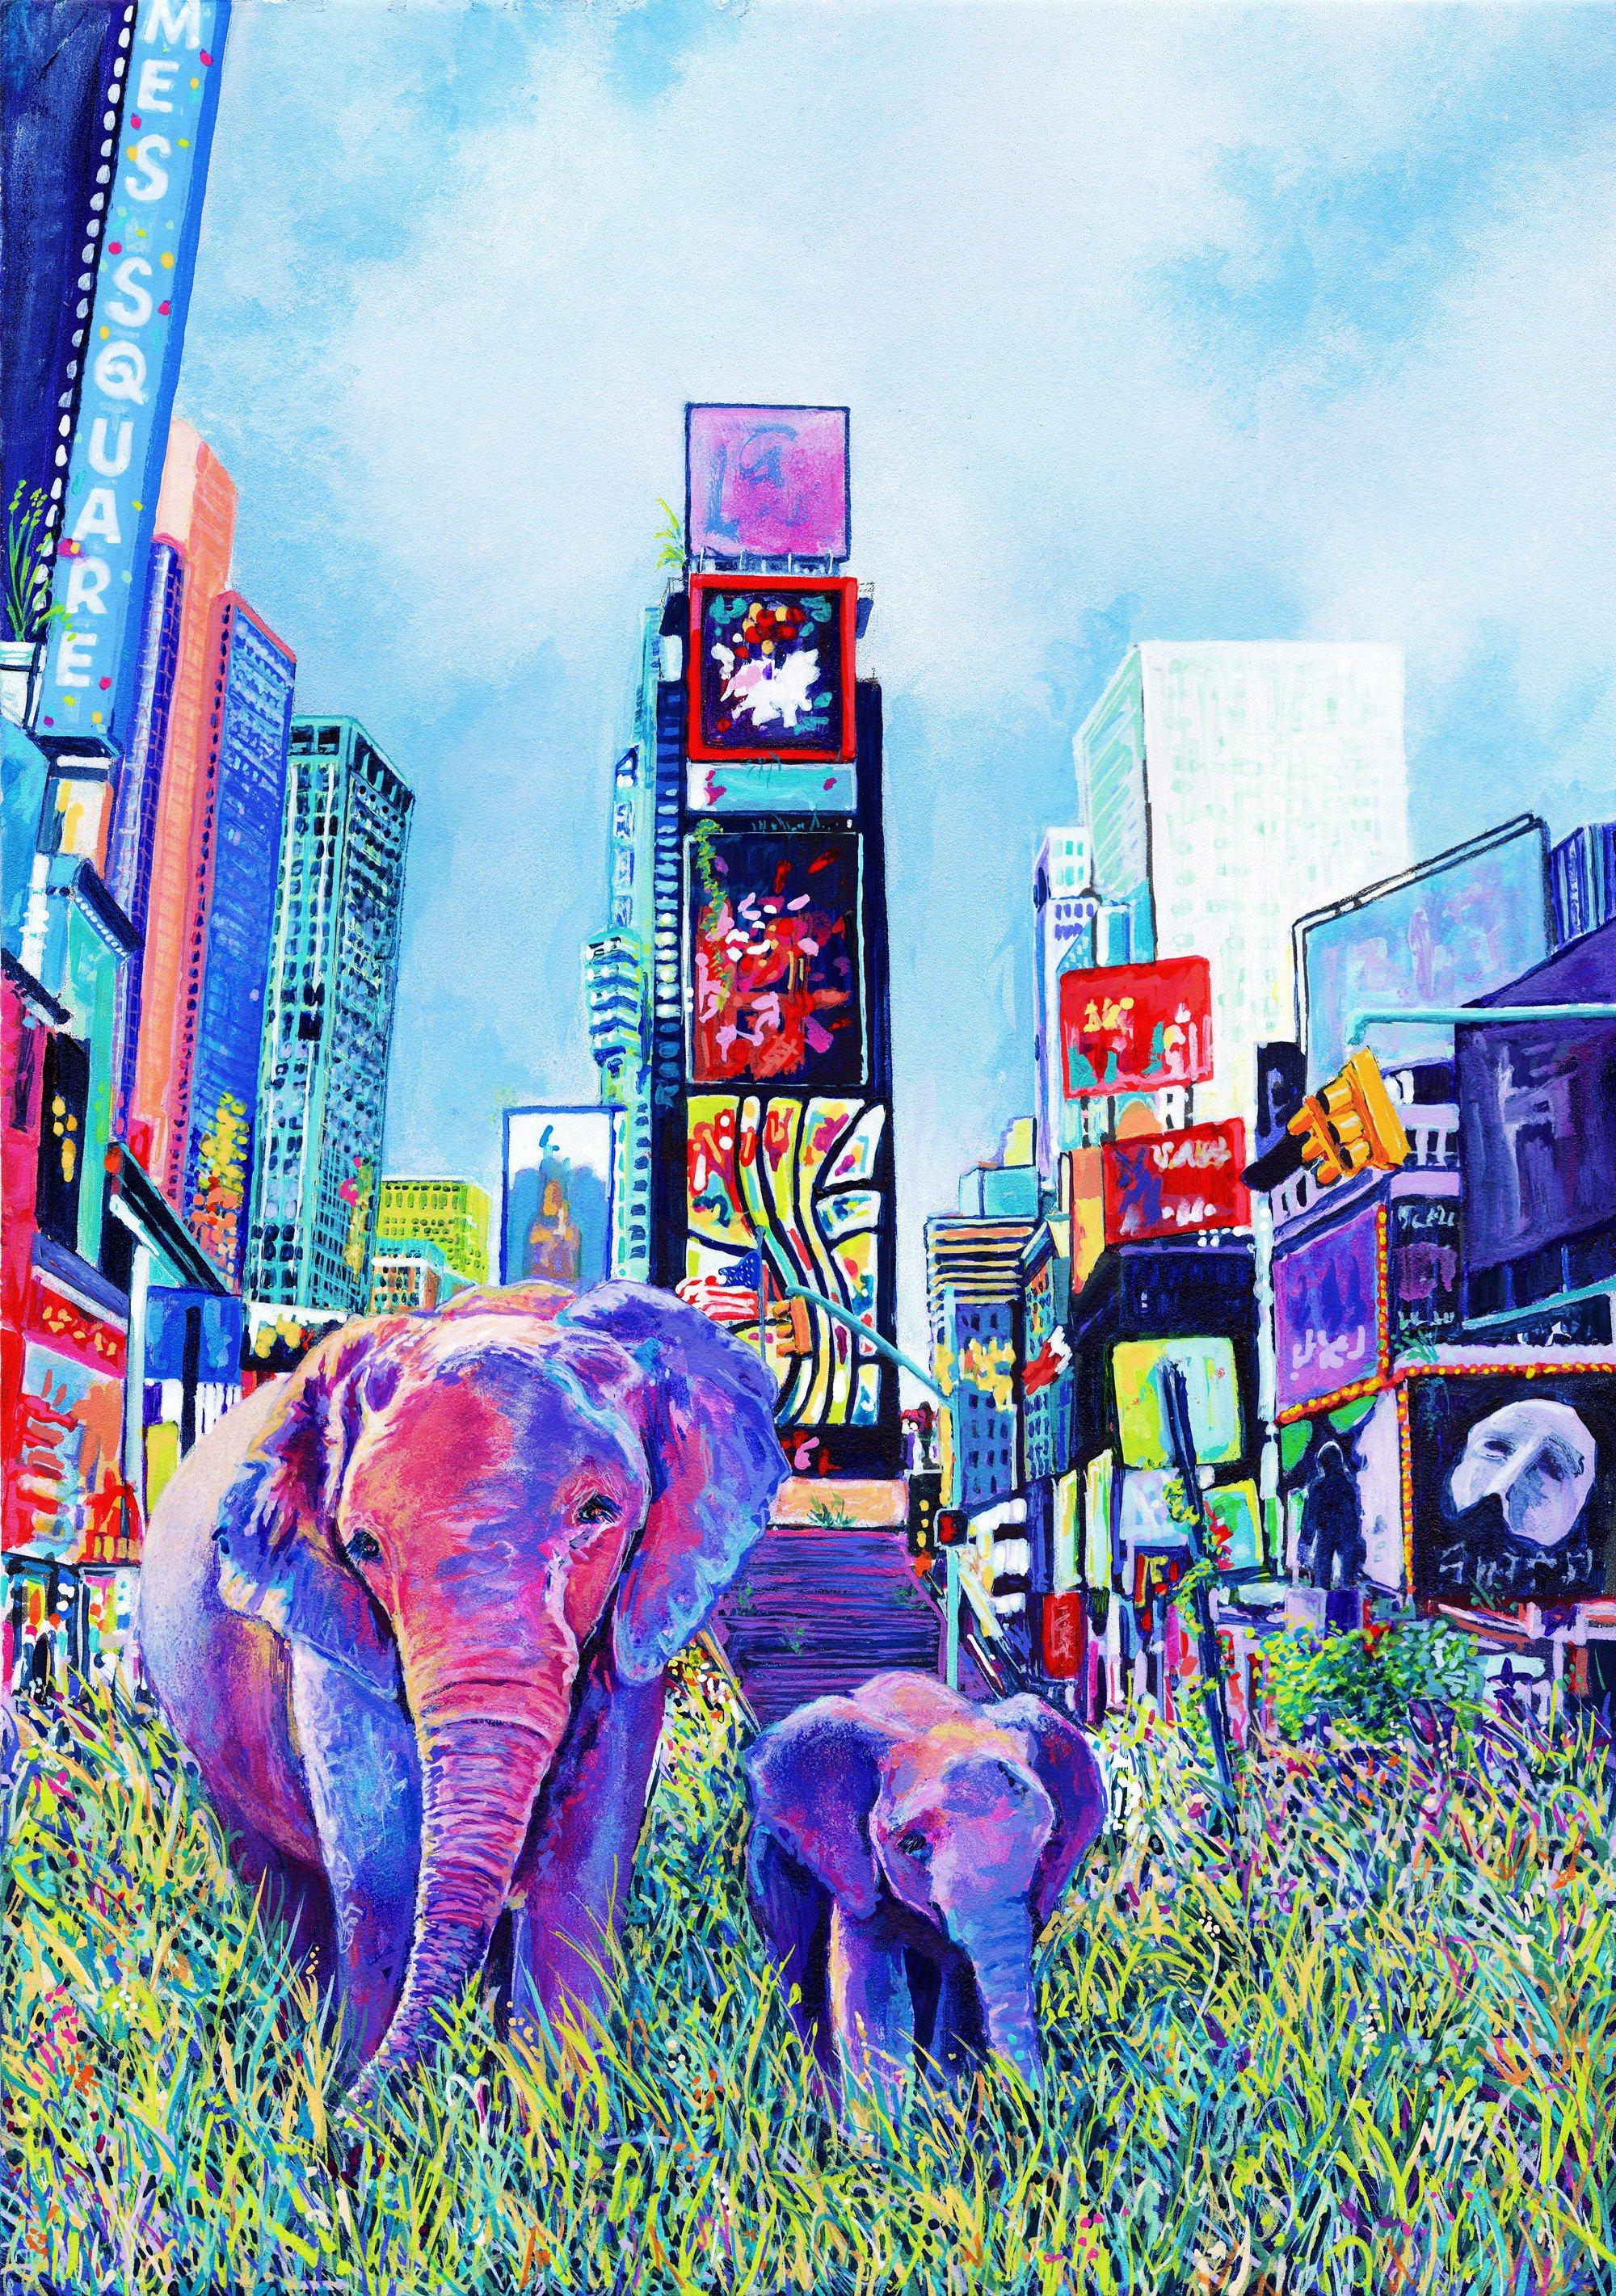 Rewilding - Times Square by Nicola McLean (3).jpg